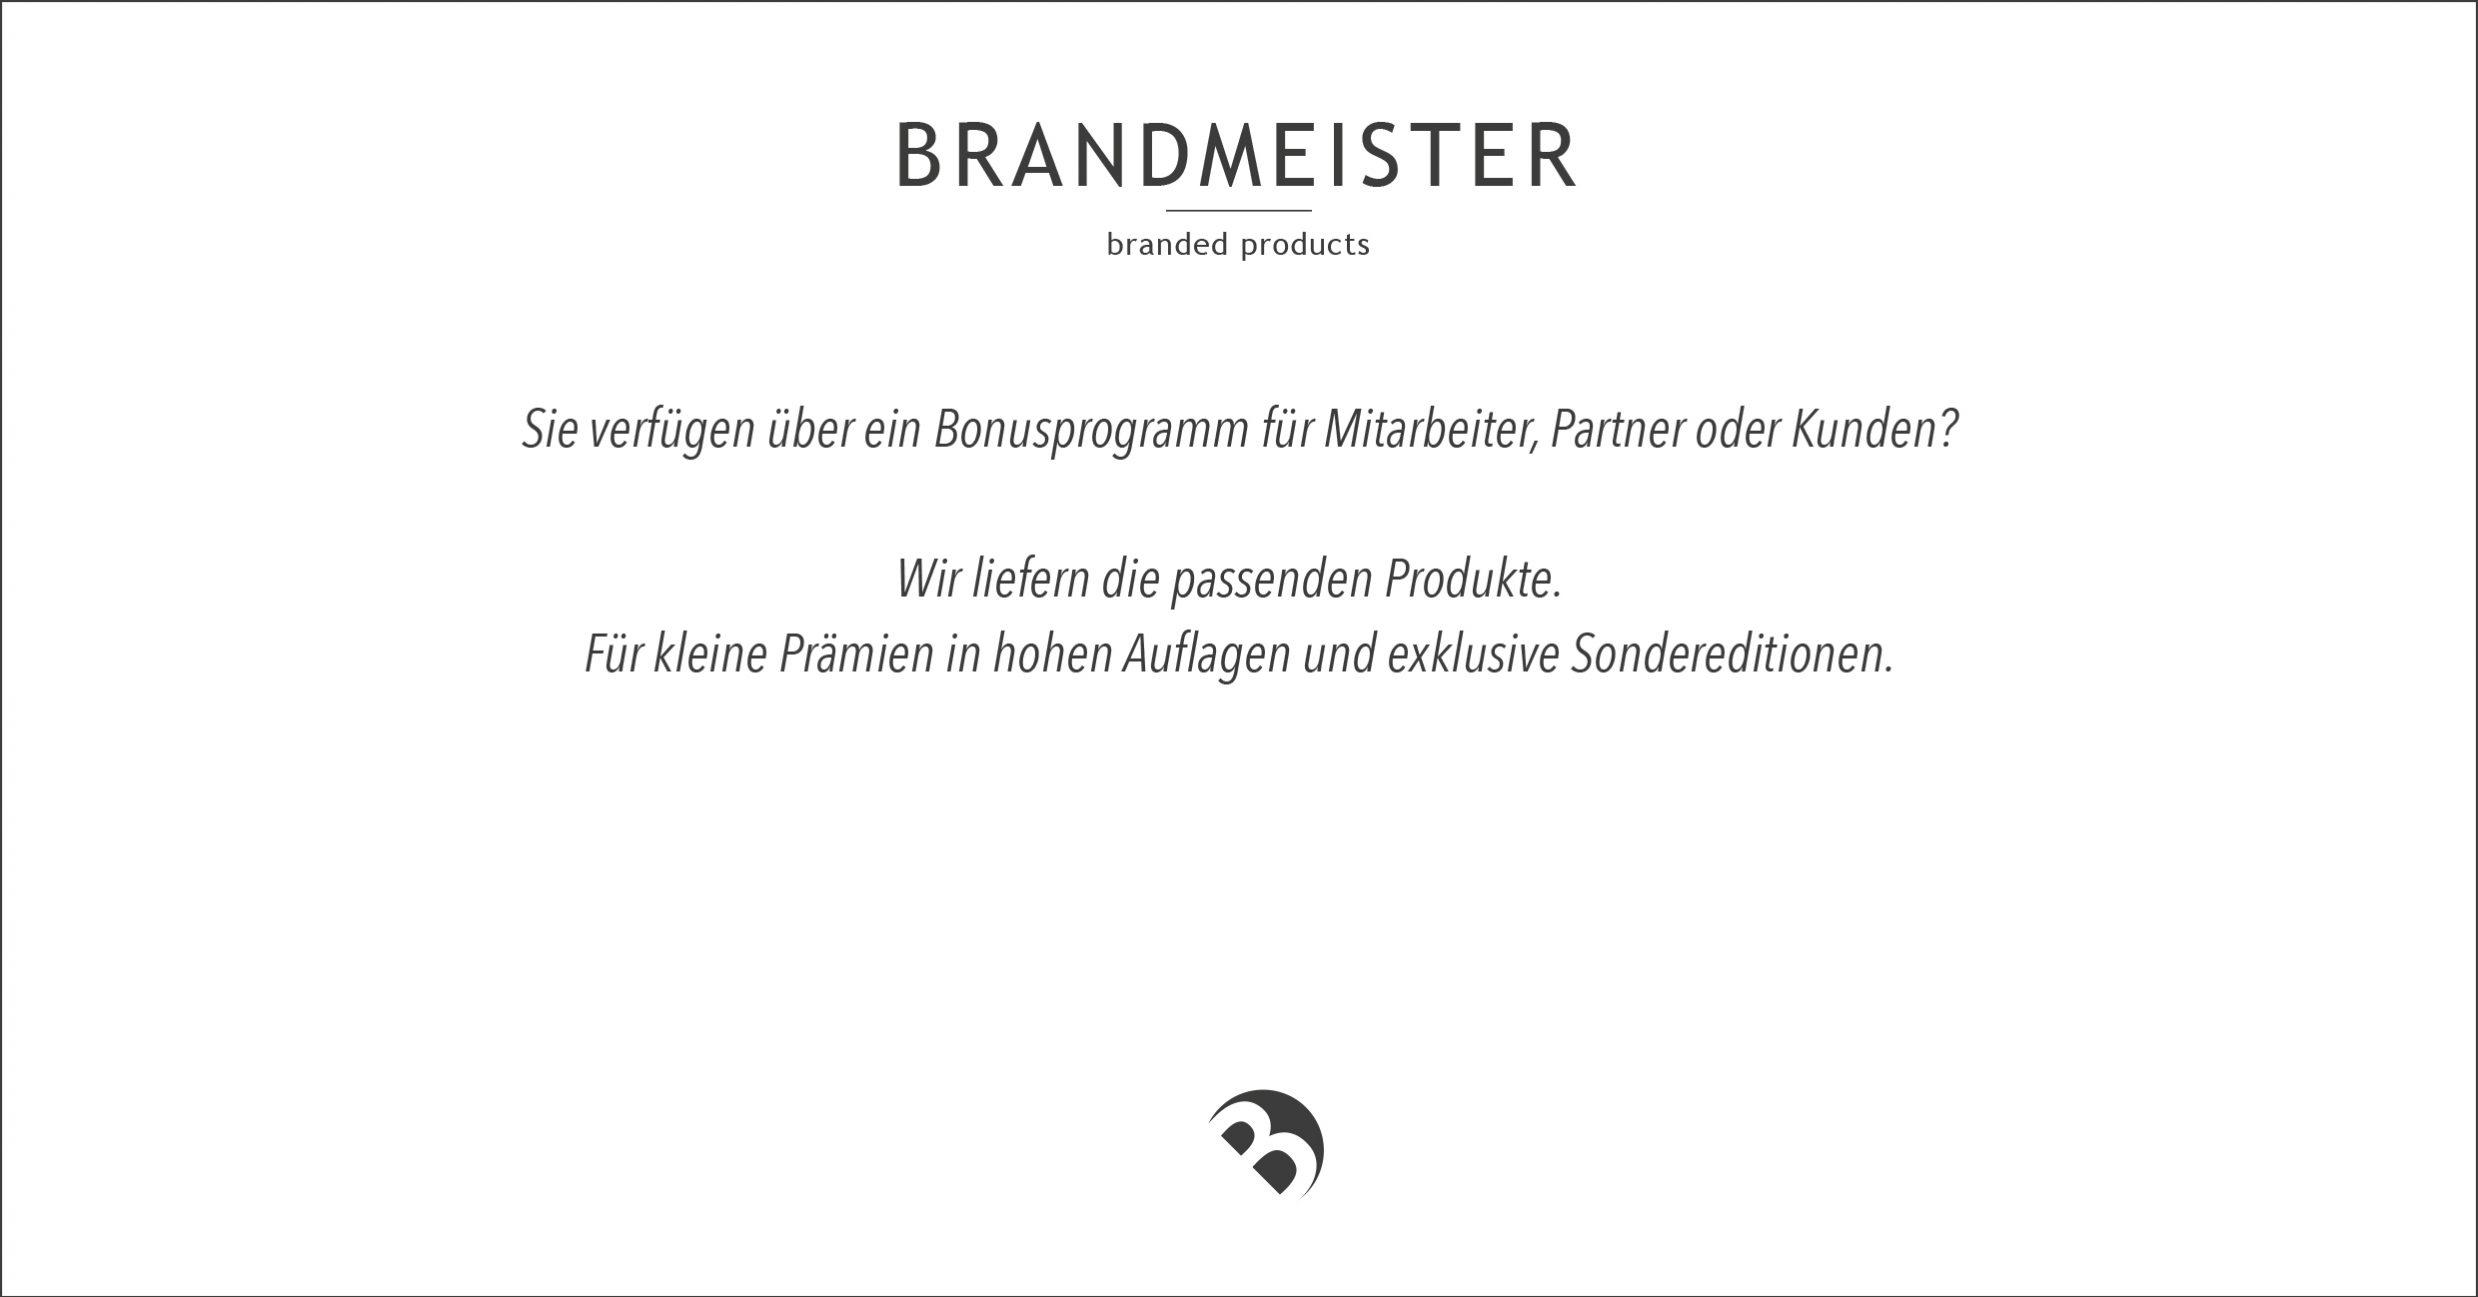 Booklet Brandmeister II.indd